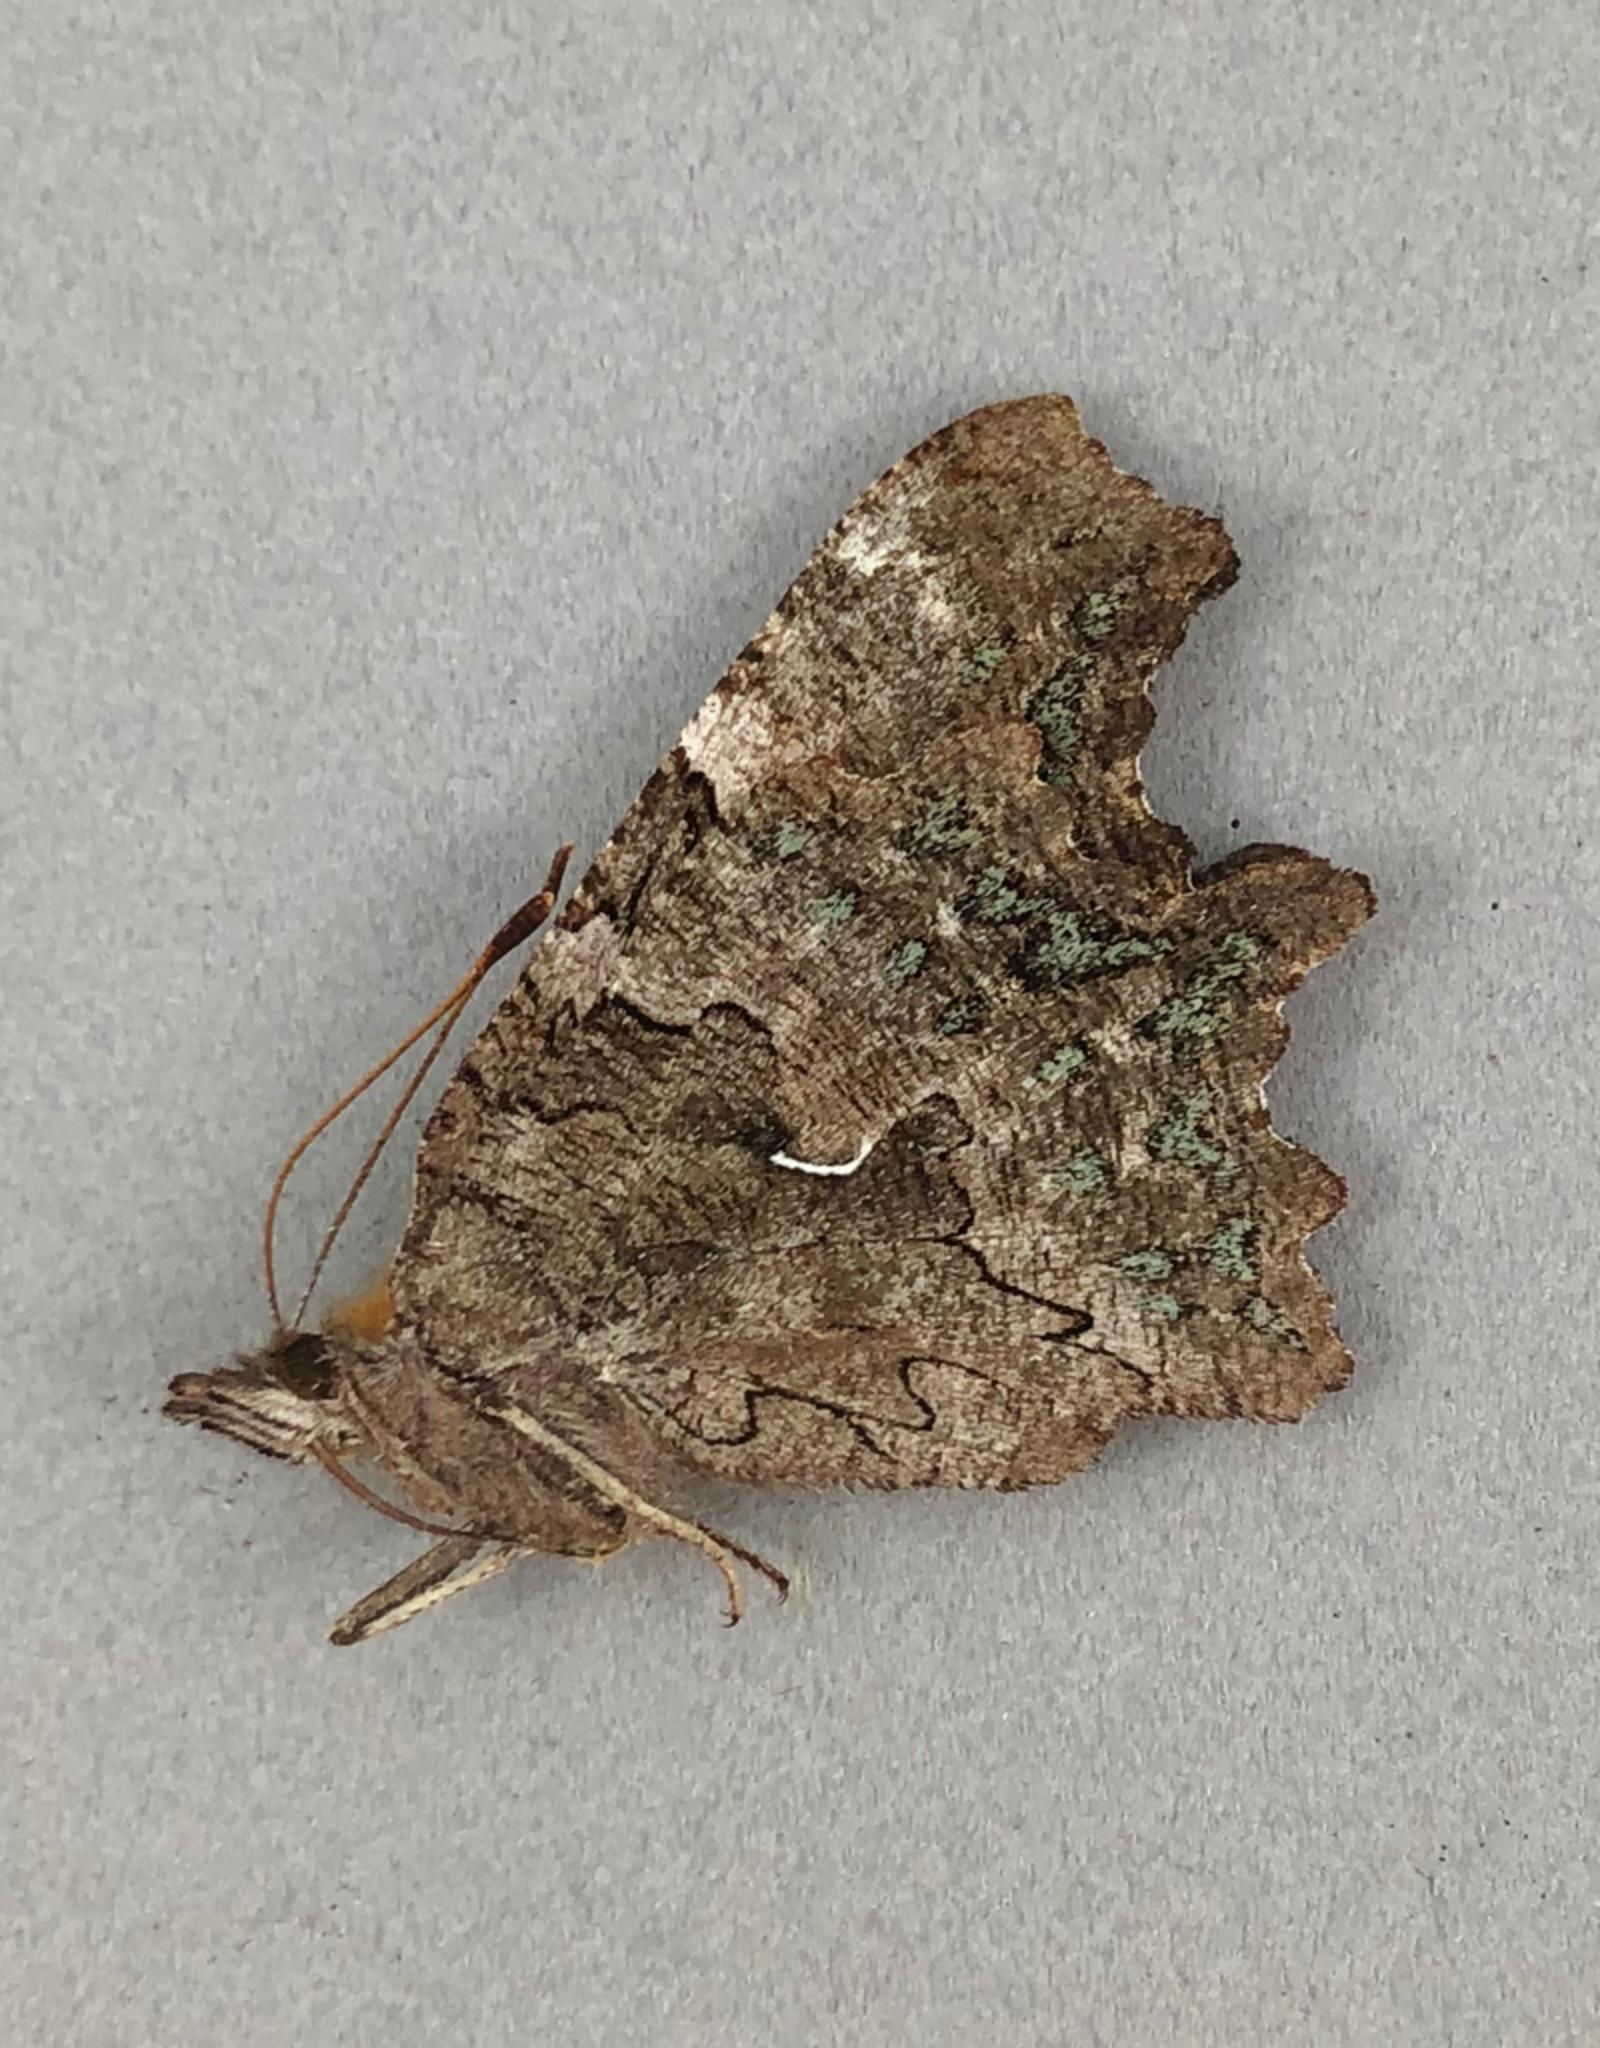 Polygonia faunus hylas M A1- British Columbia, Canada